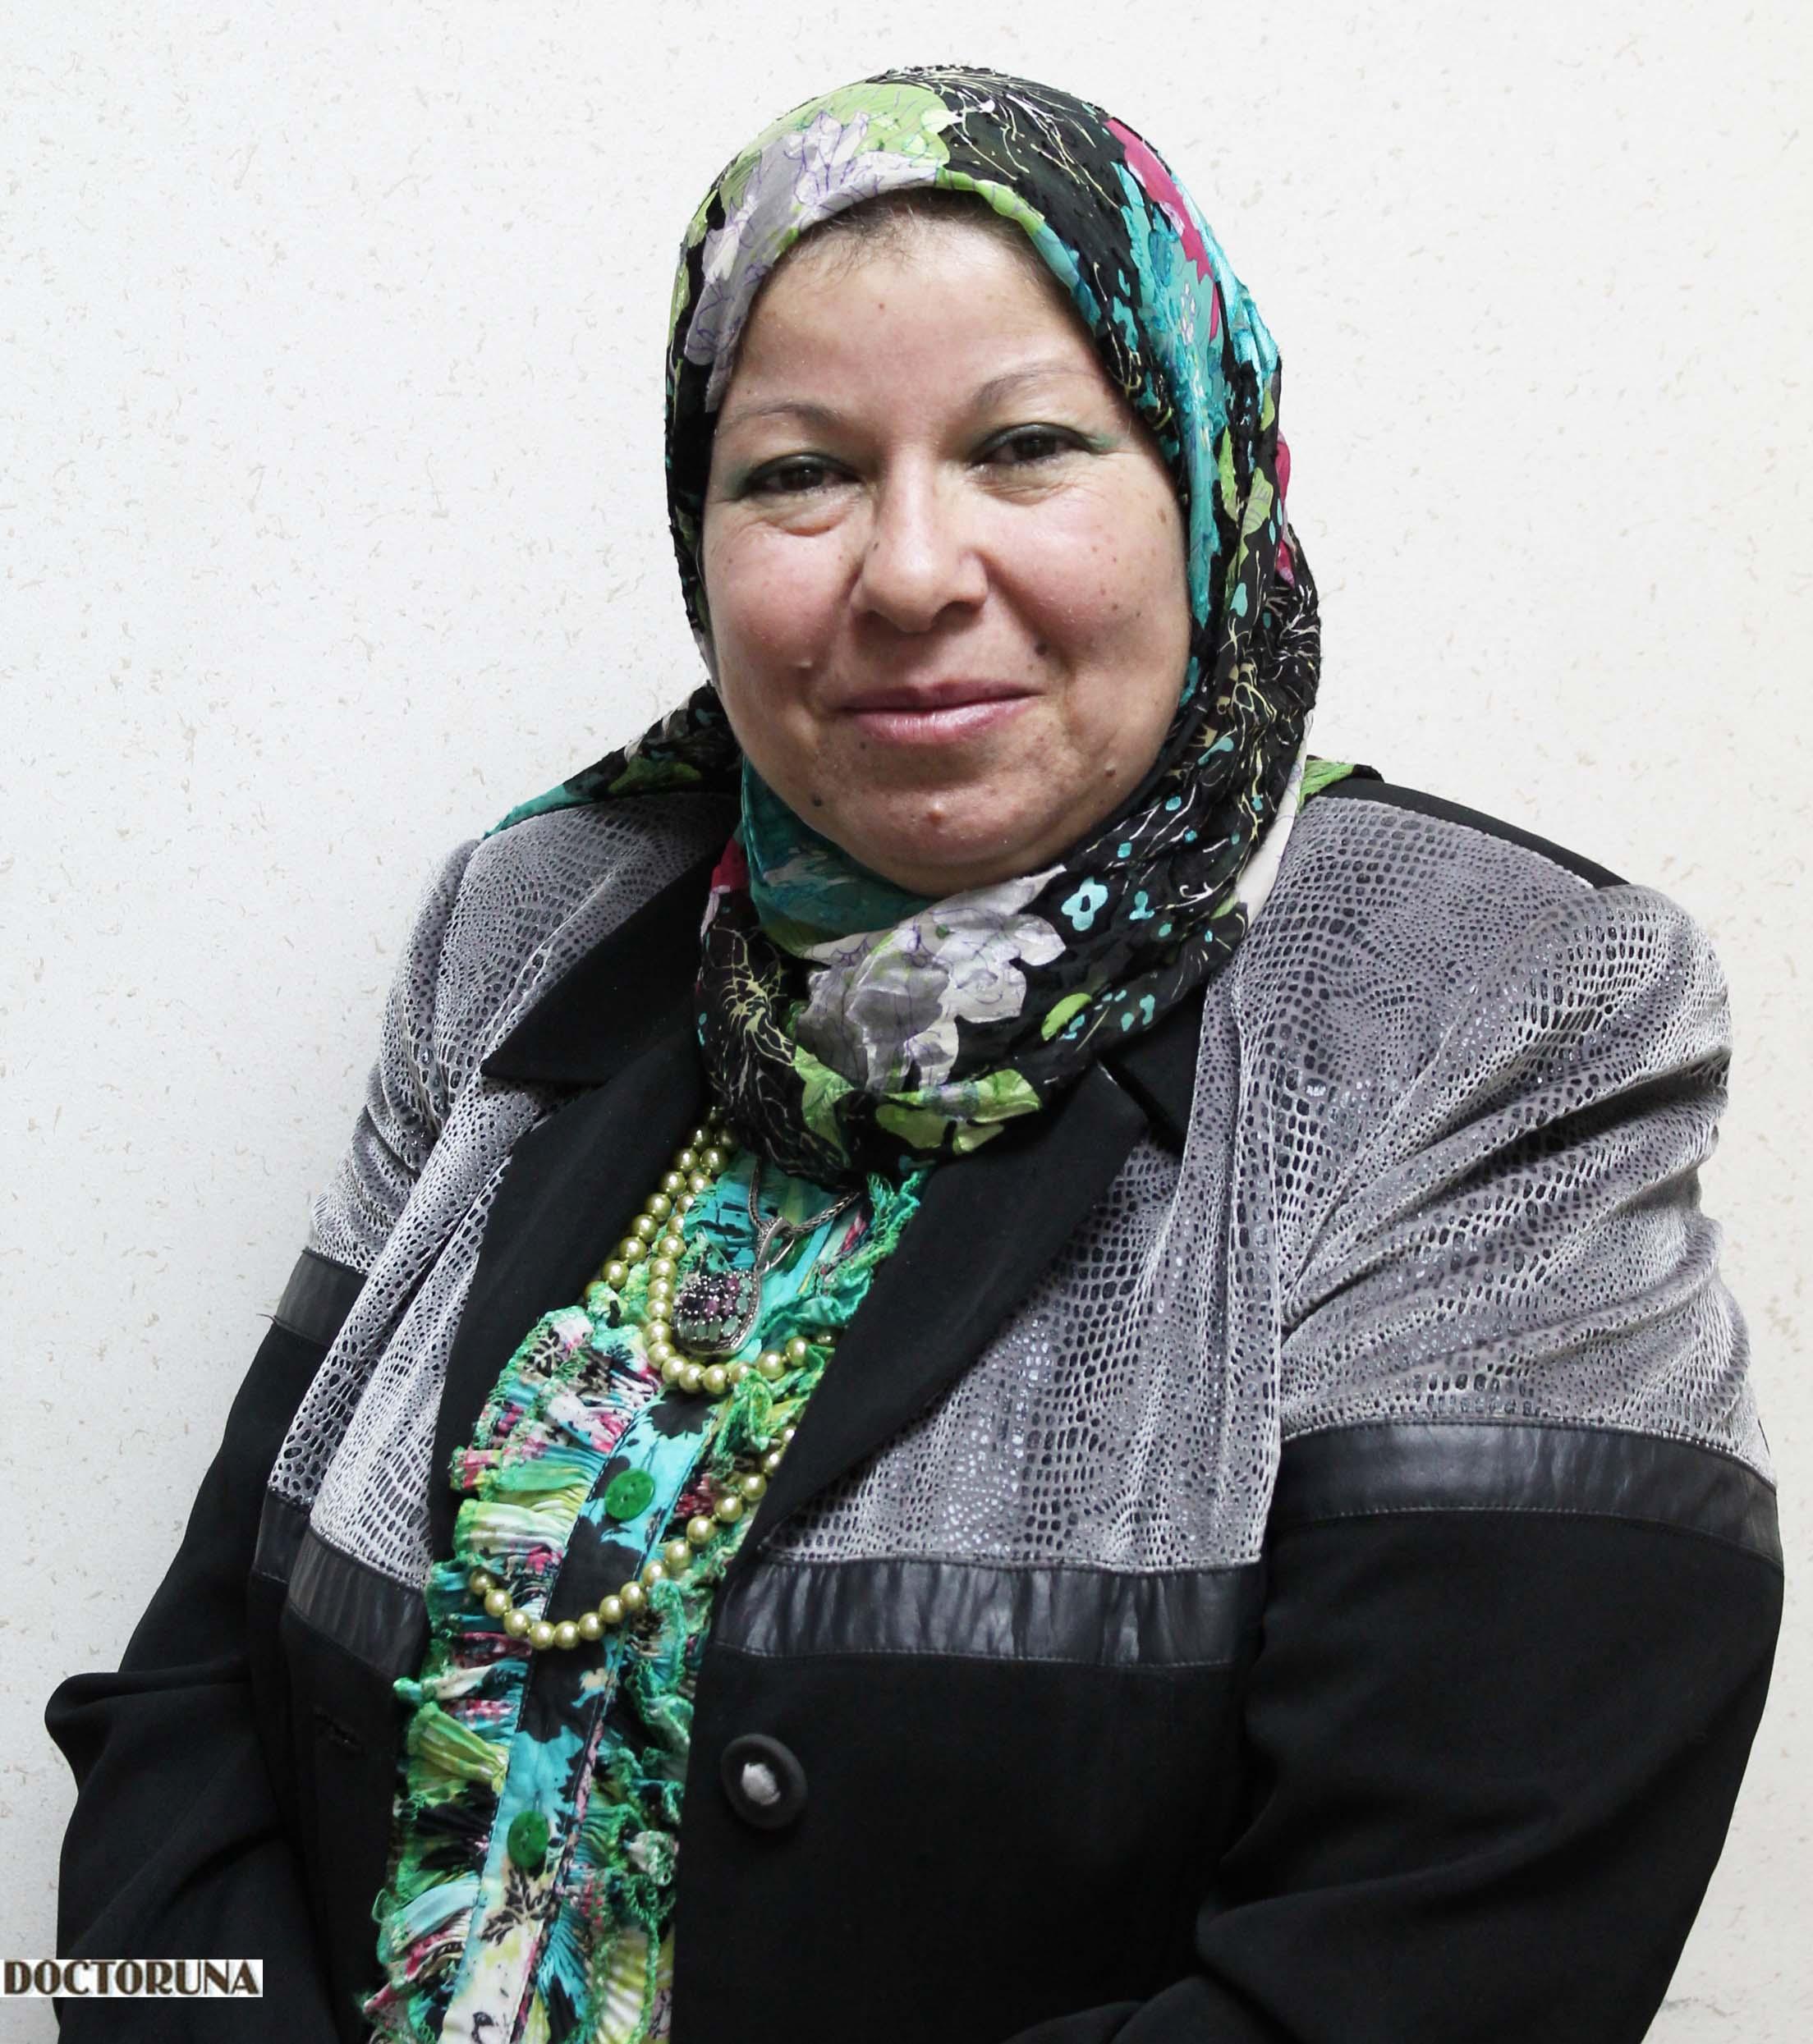 دكتور  صفاء محمد دكتور الأمراض الجلدية